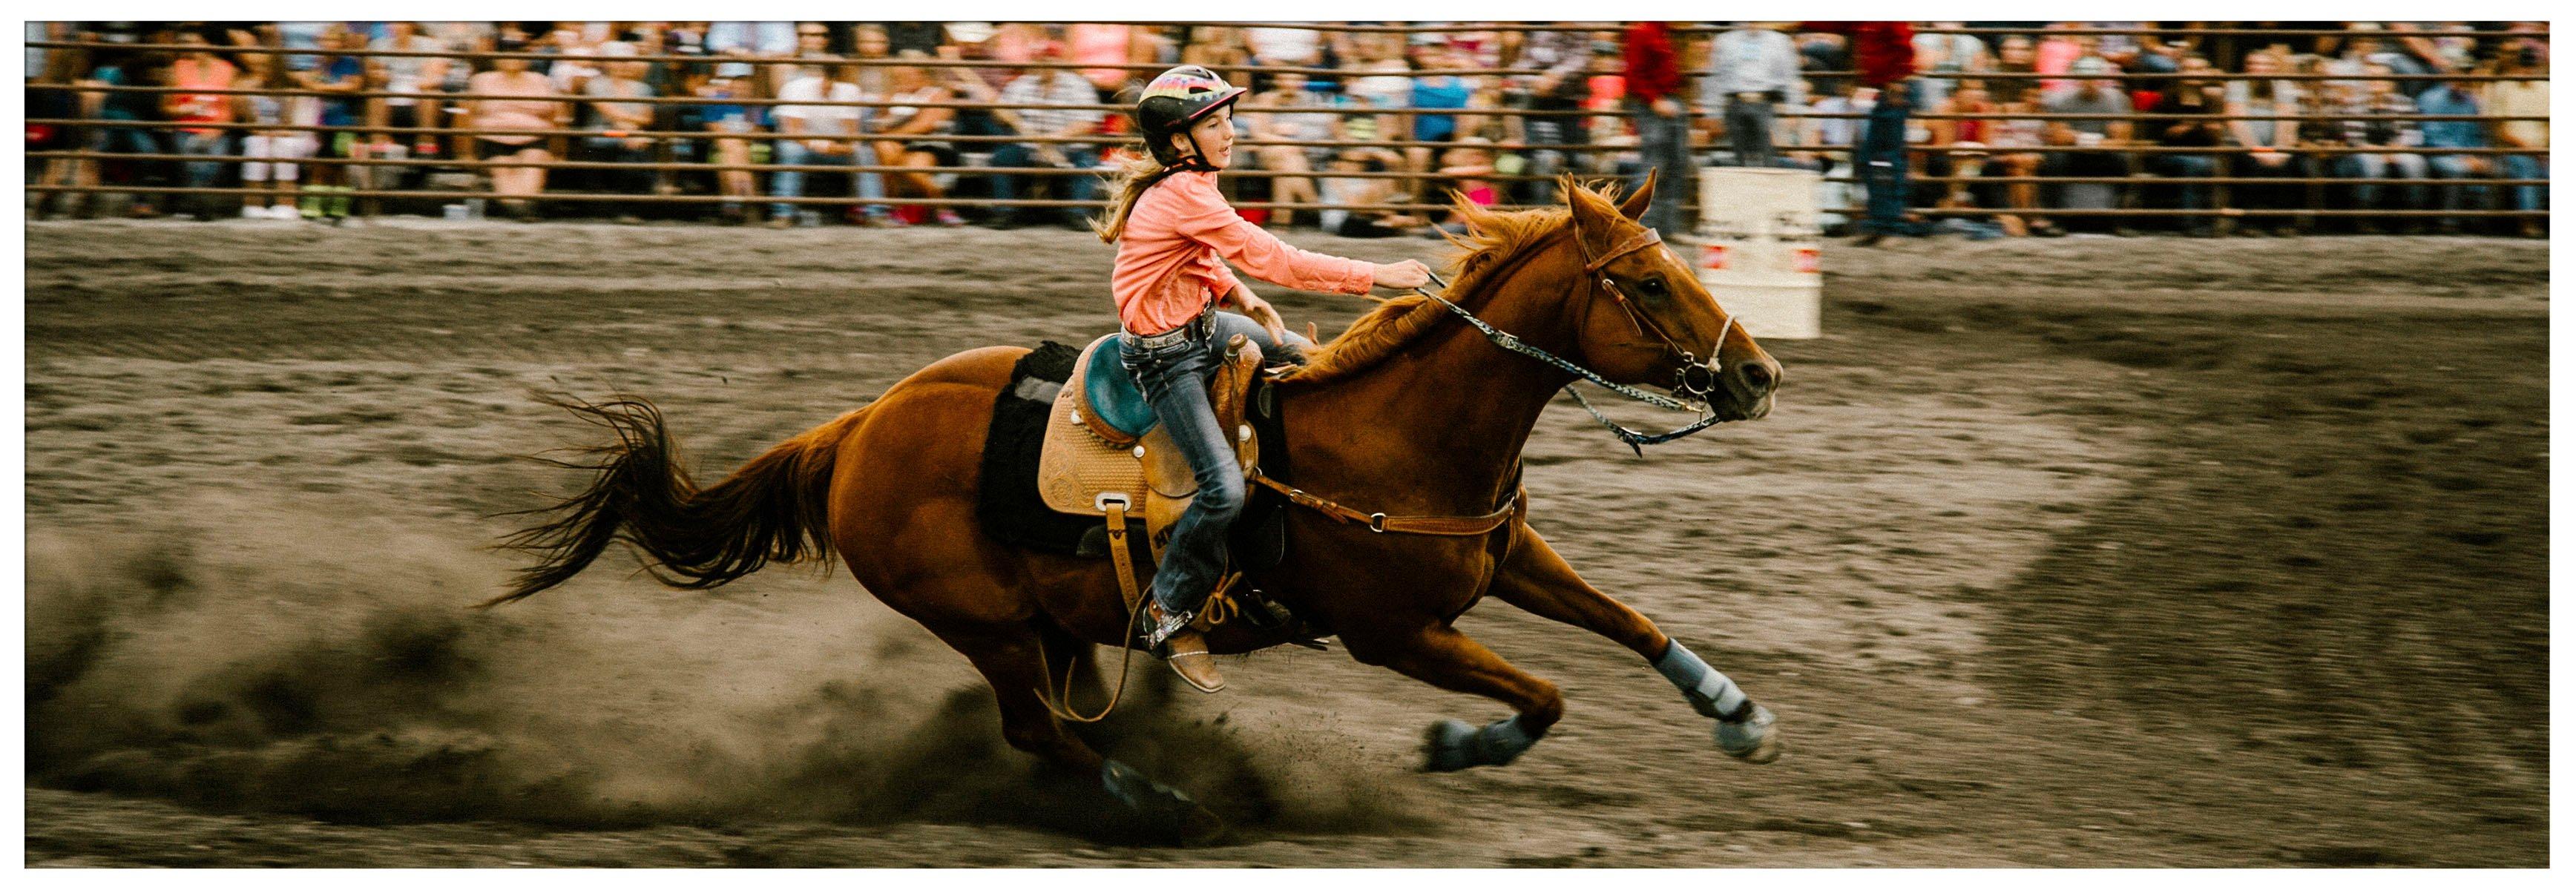 rodeo_2020_c